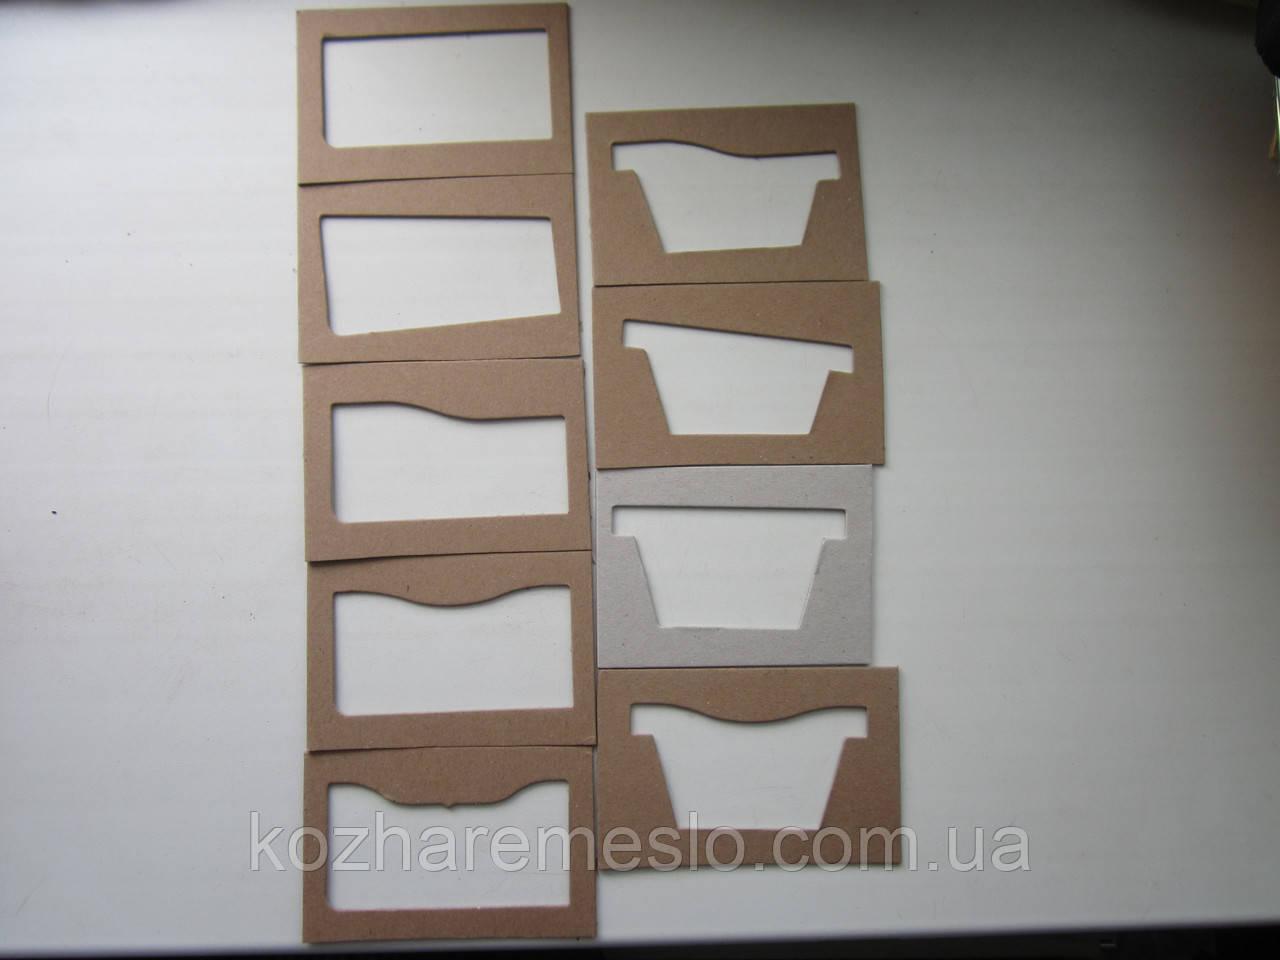 Шаблон - лекало для выкройки деталей кошелька